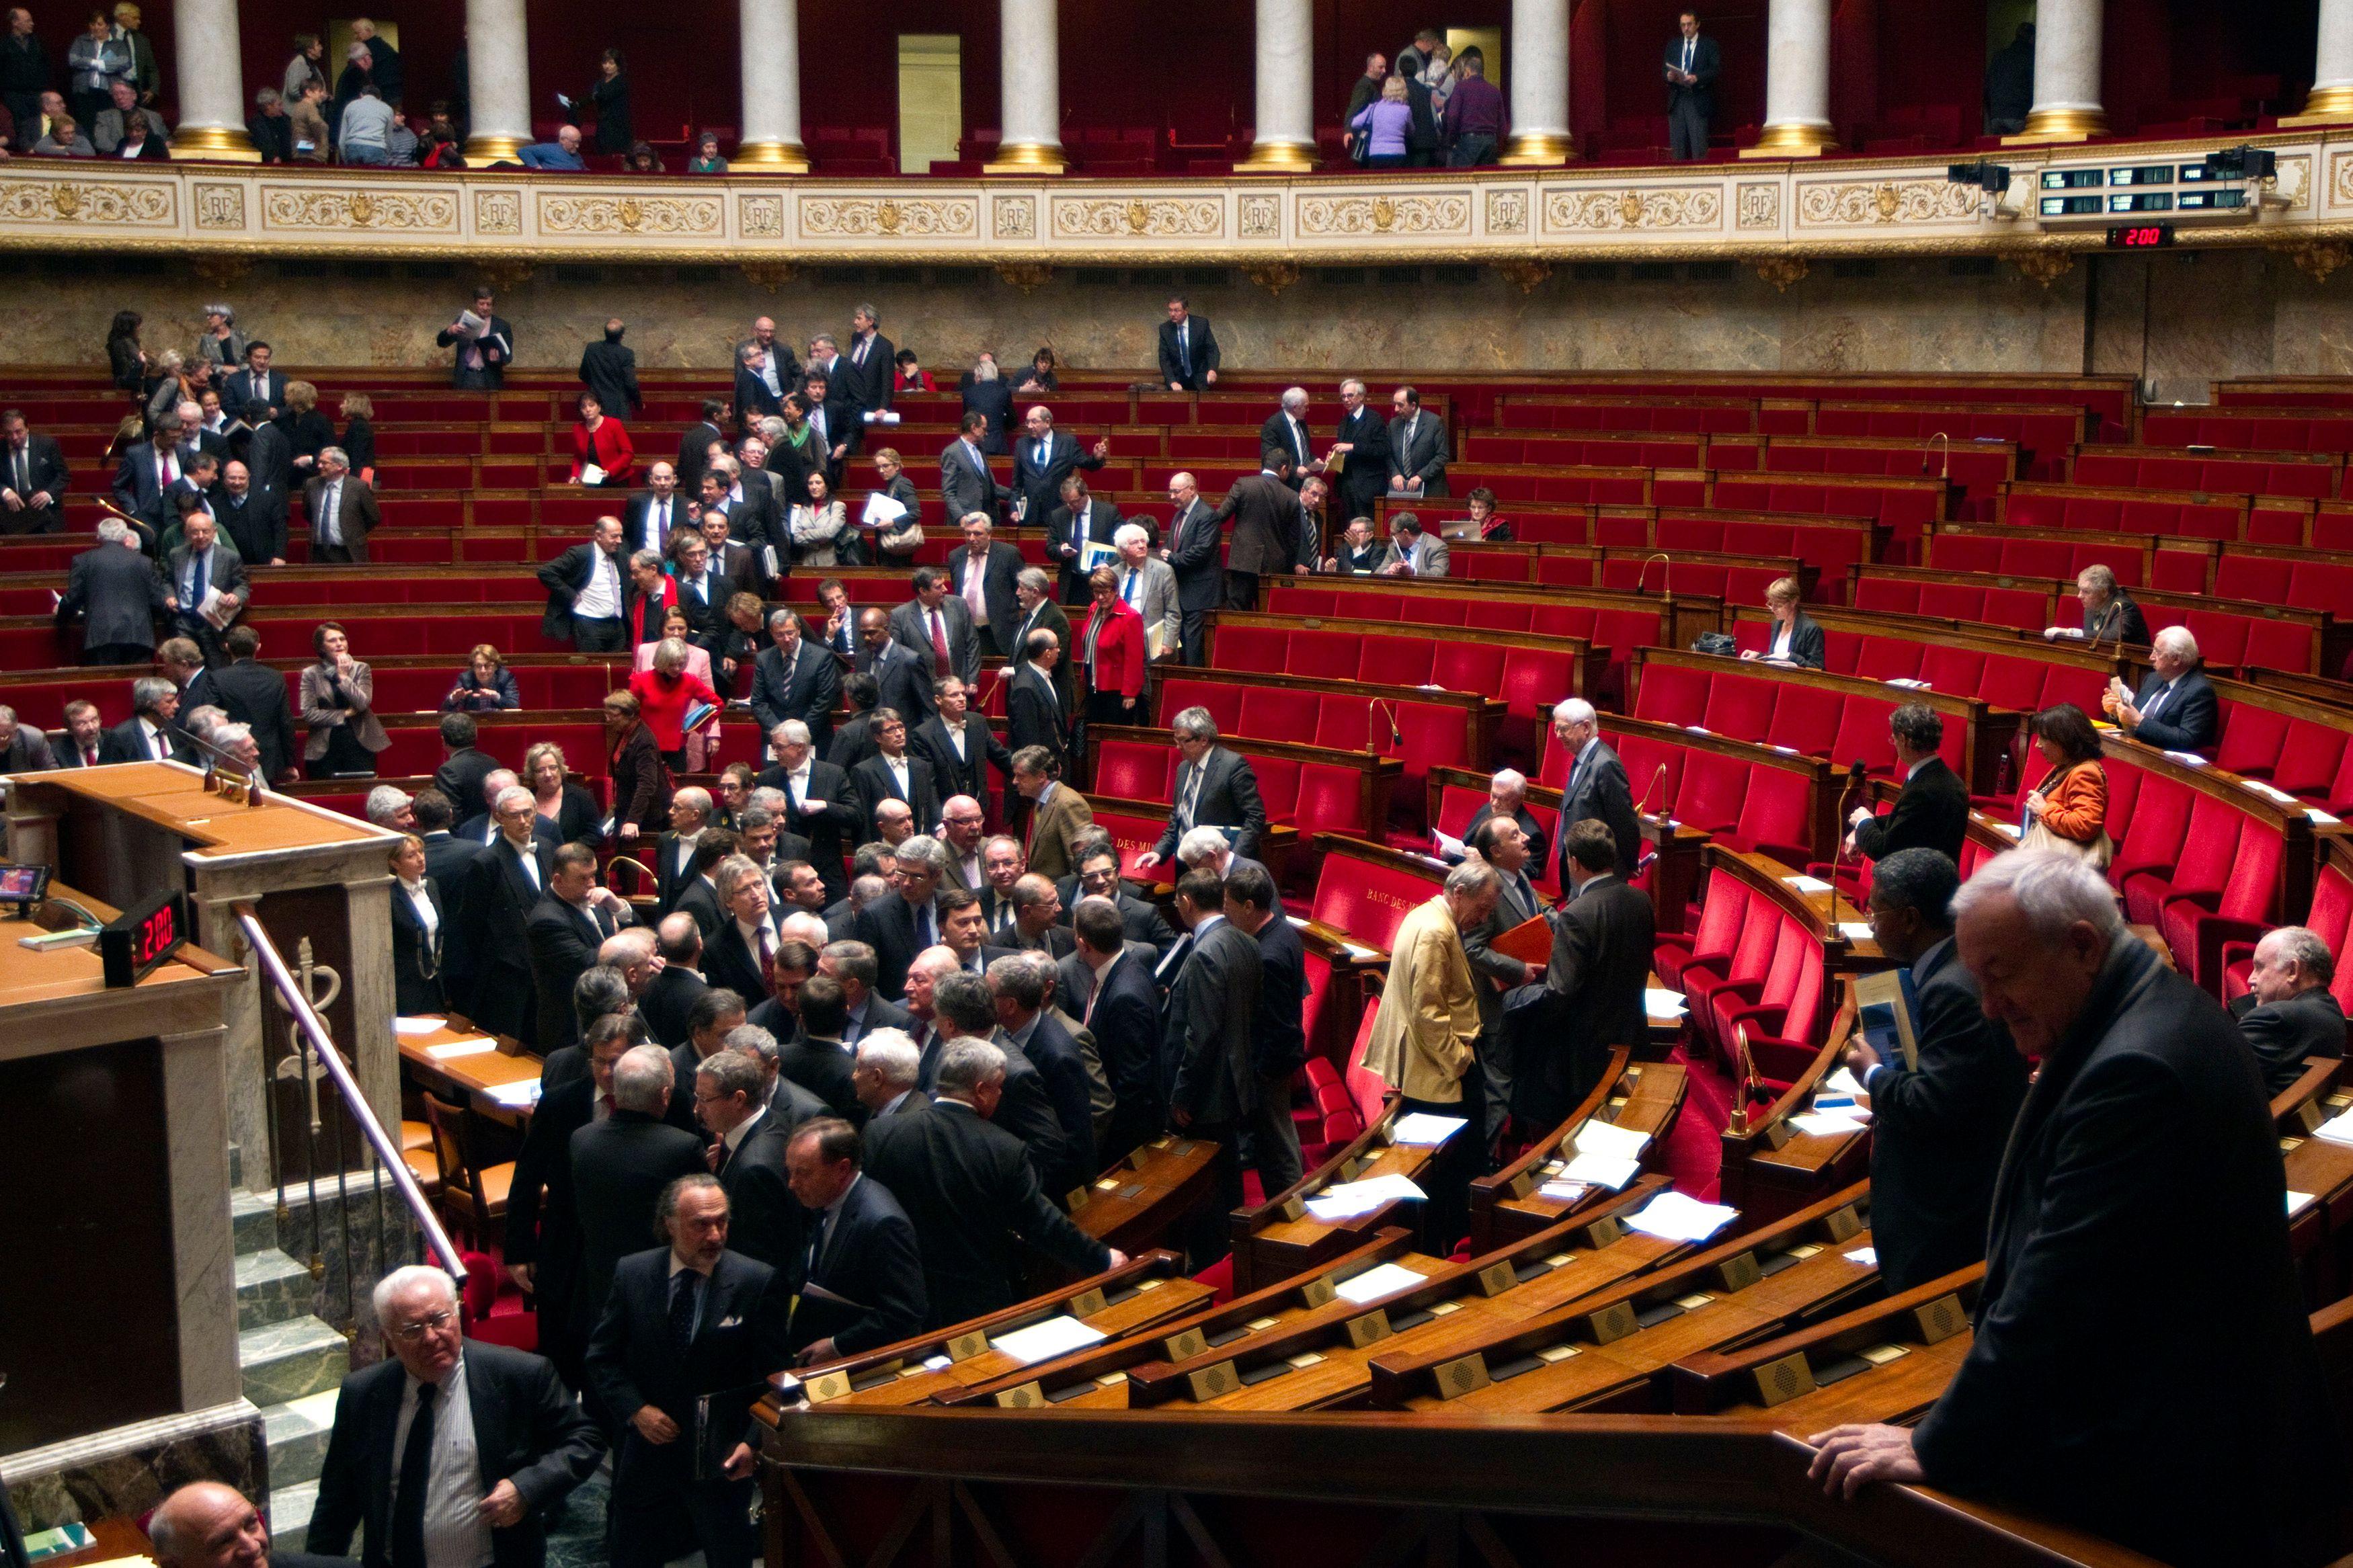 Débat animé à l'Assemblée nationale ce mercredi